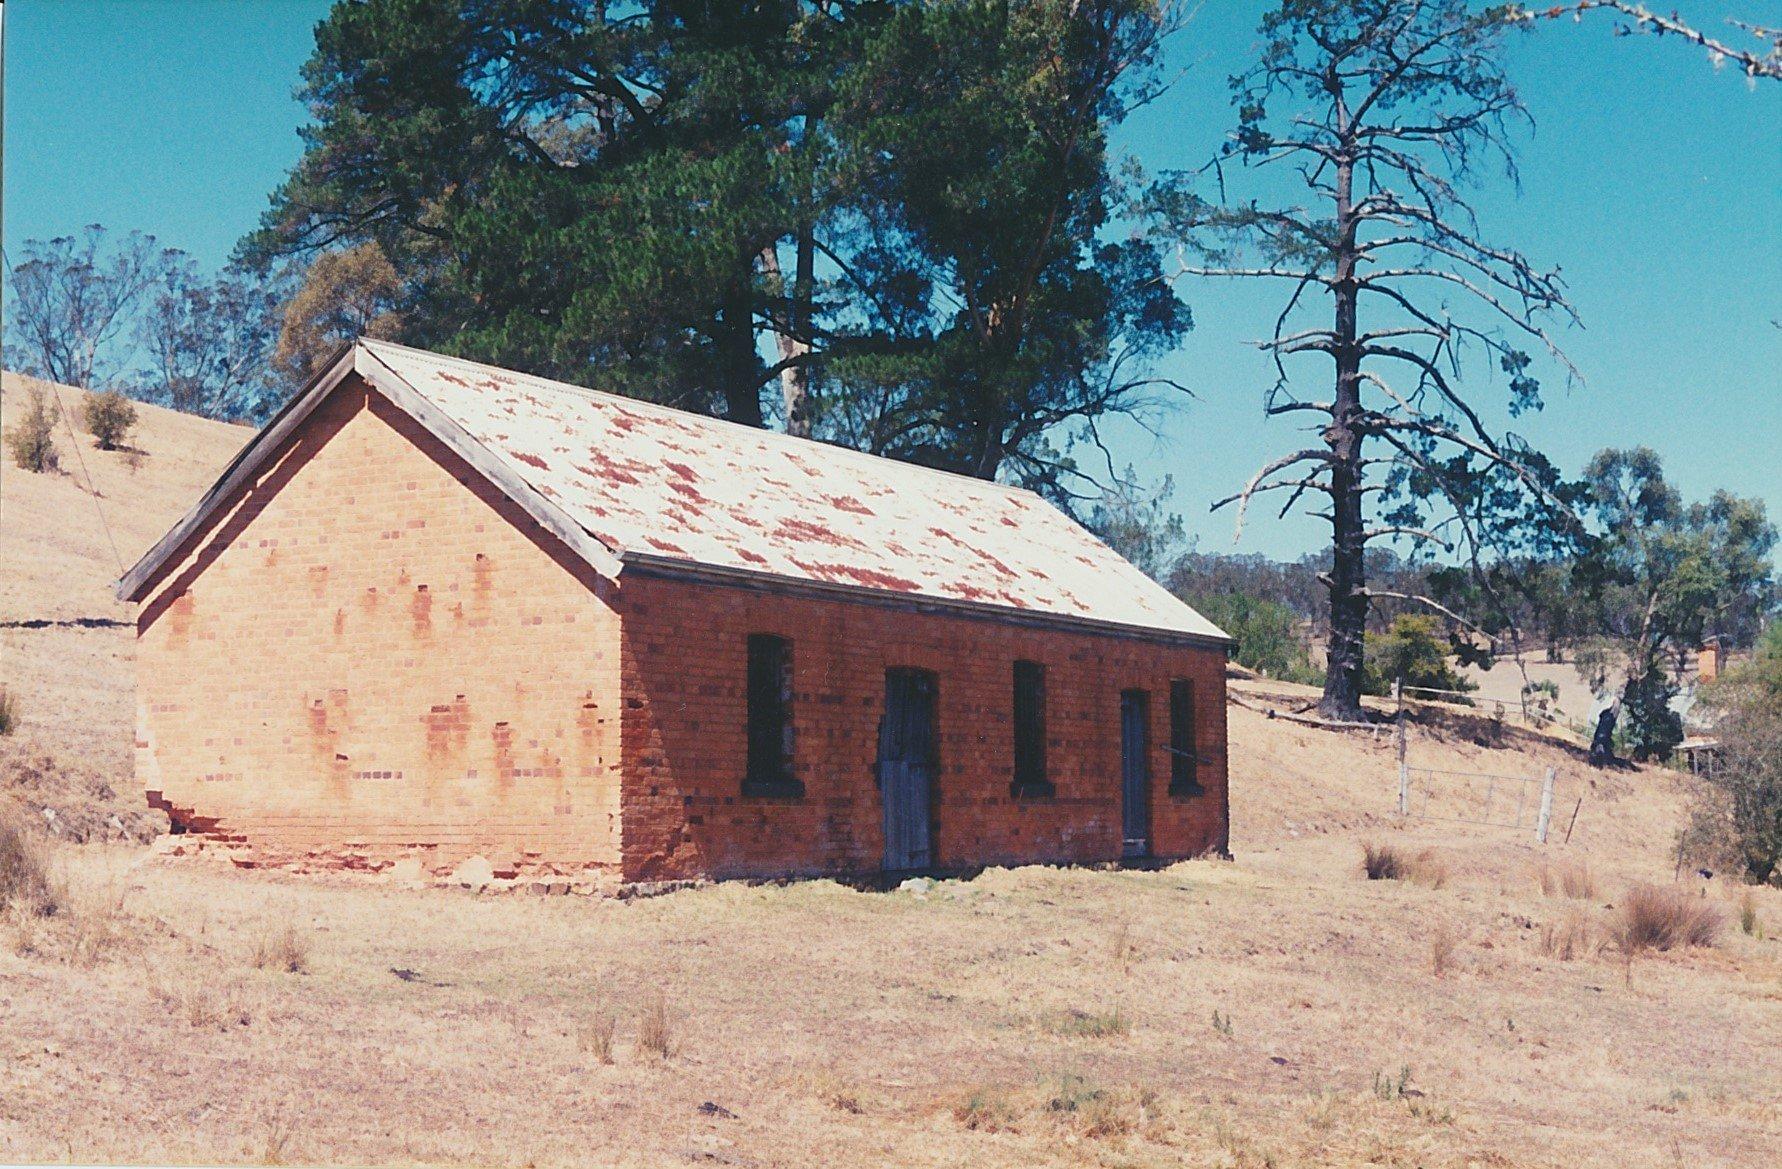 Old stable at 'Charnwood', Arthurs Creek.  Bruce G. Draper, November 2003